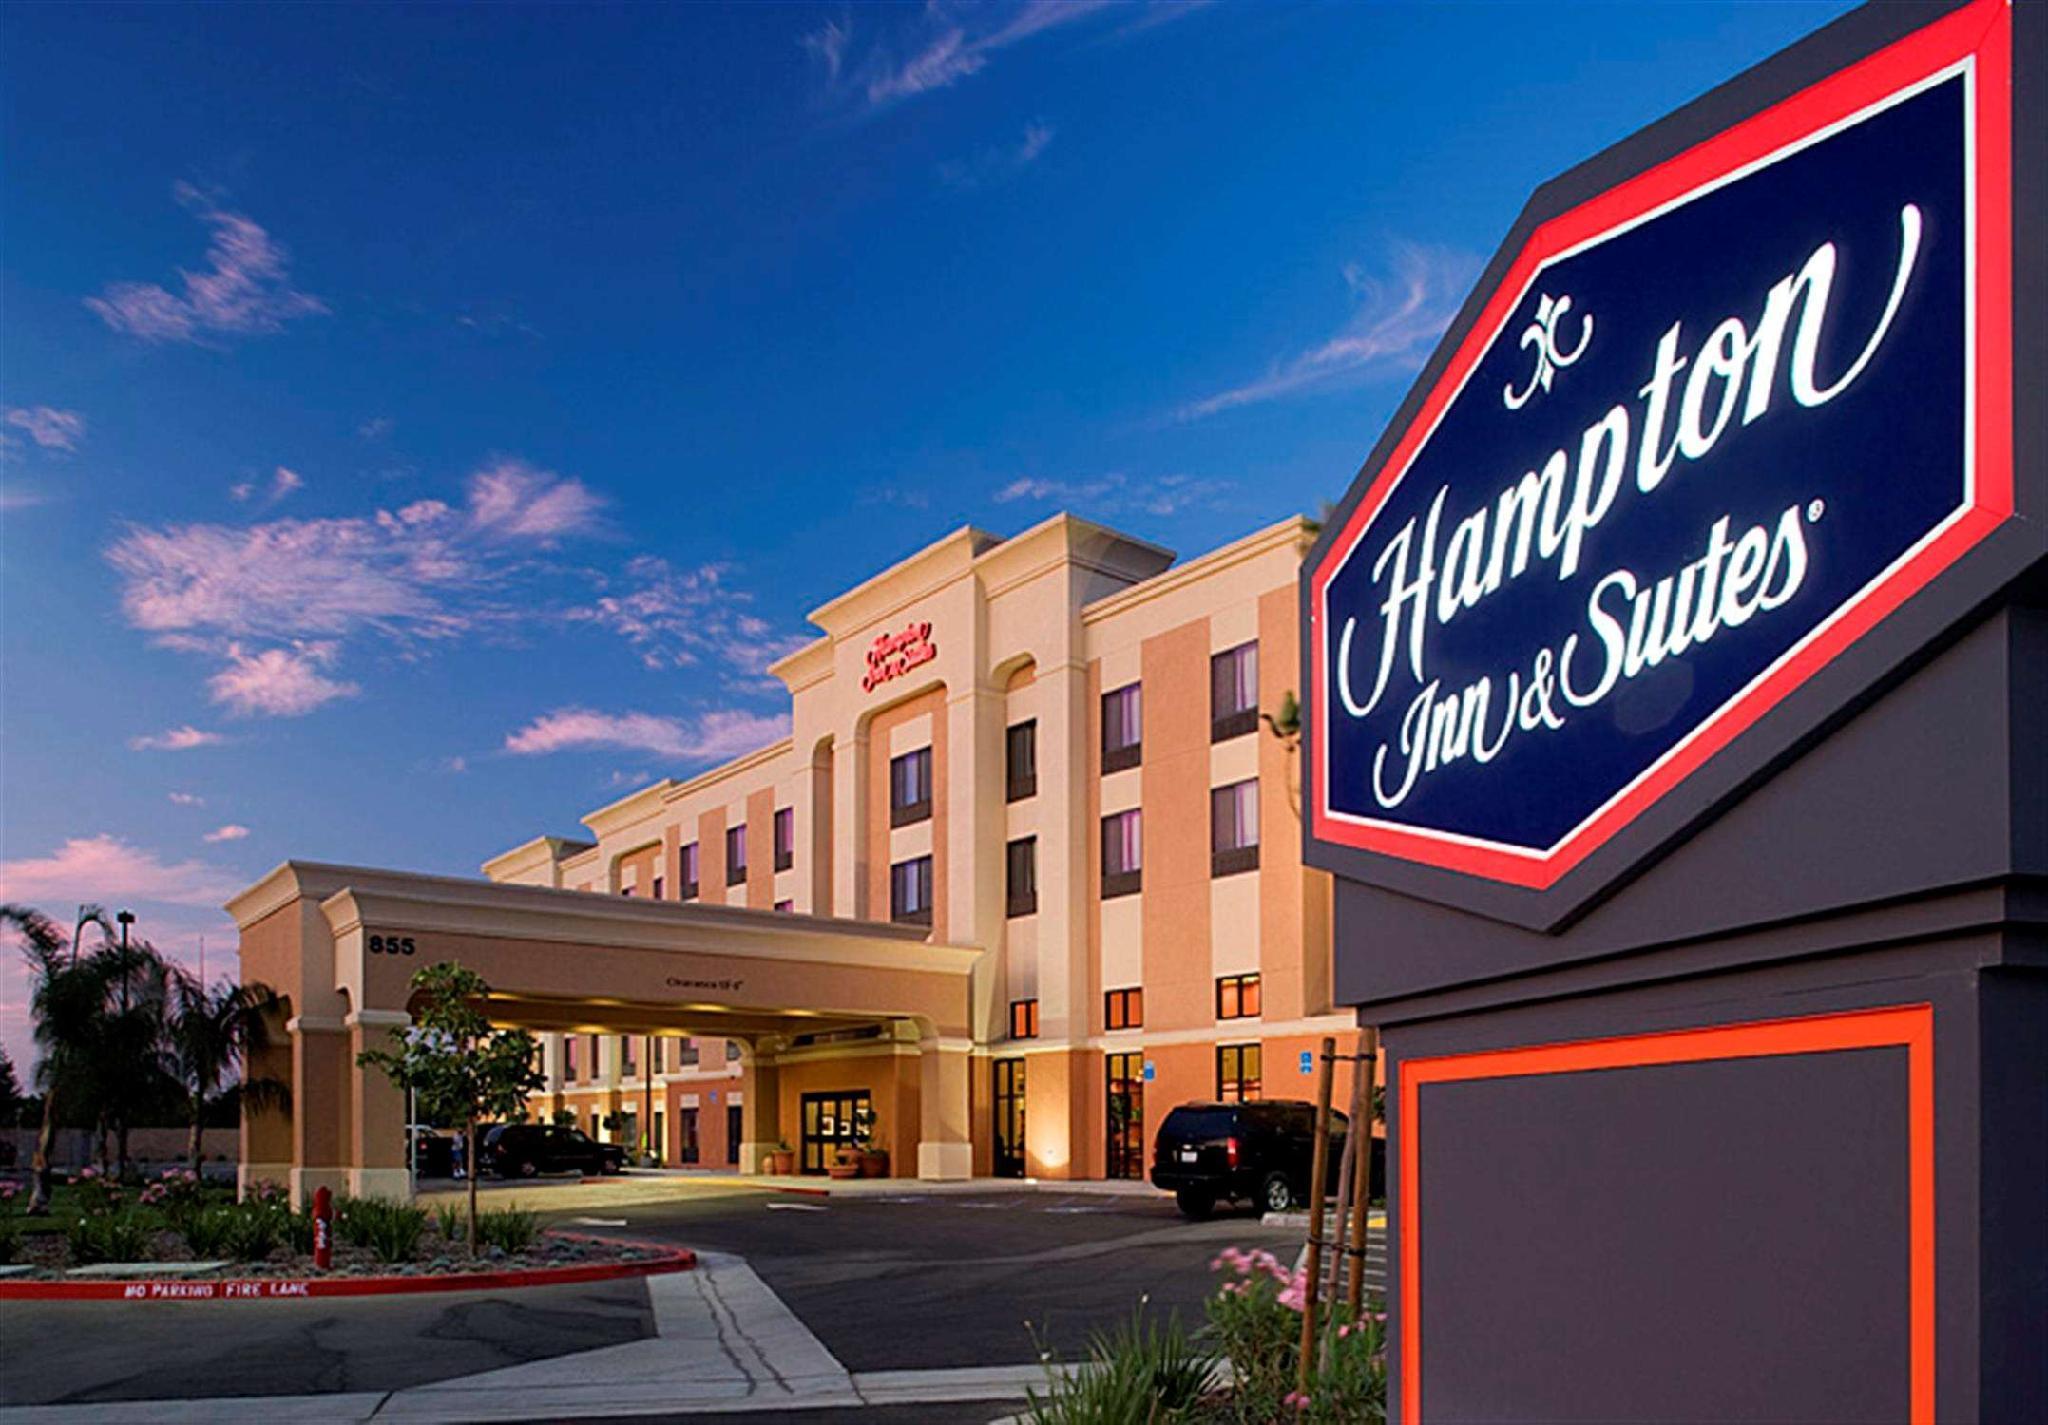 Hampton Inn And Suites Clovis Airport North